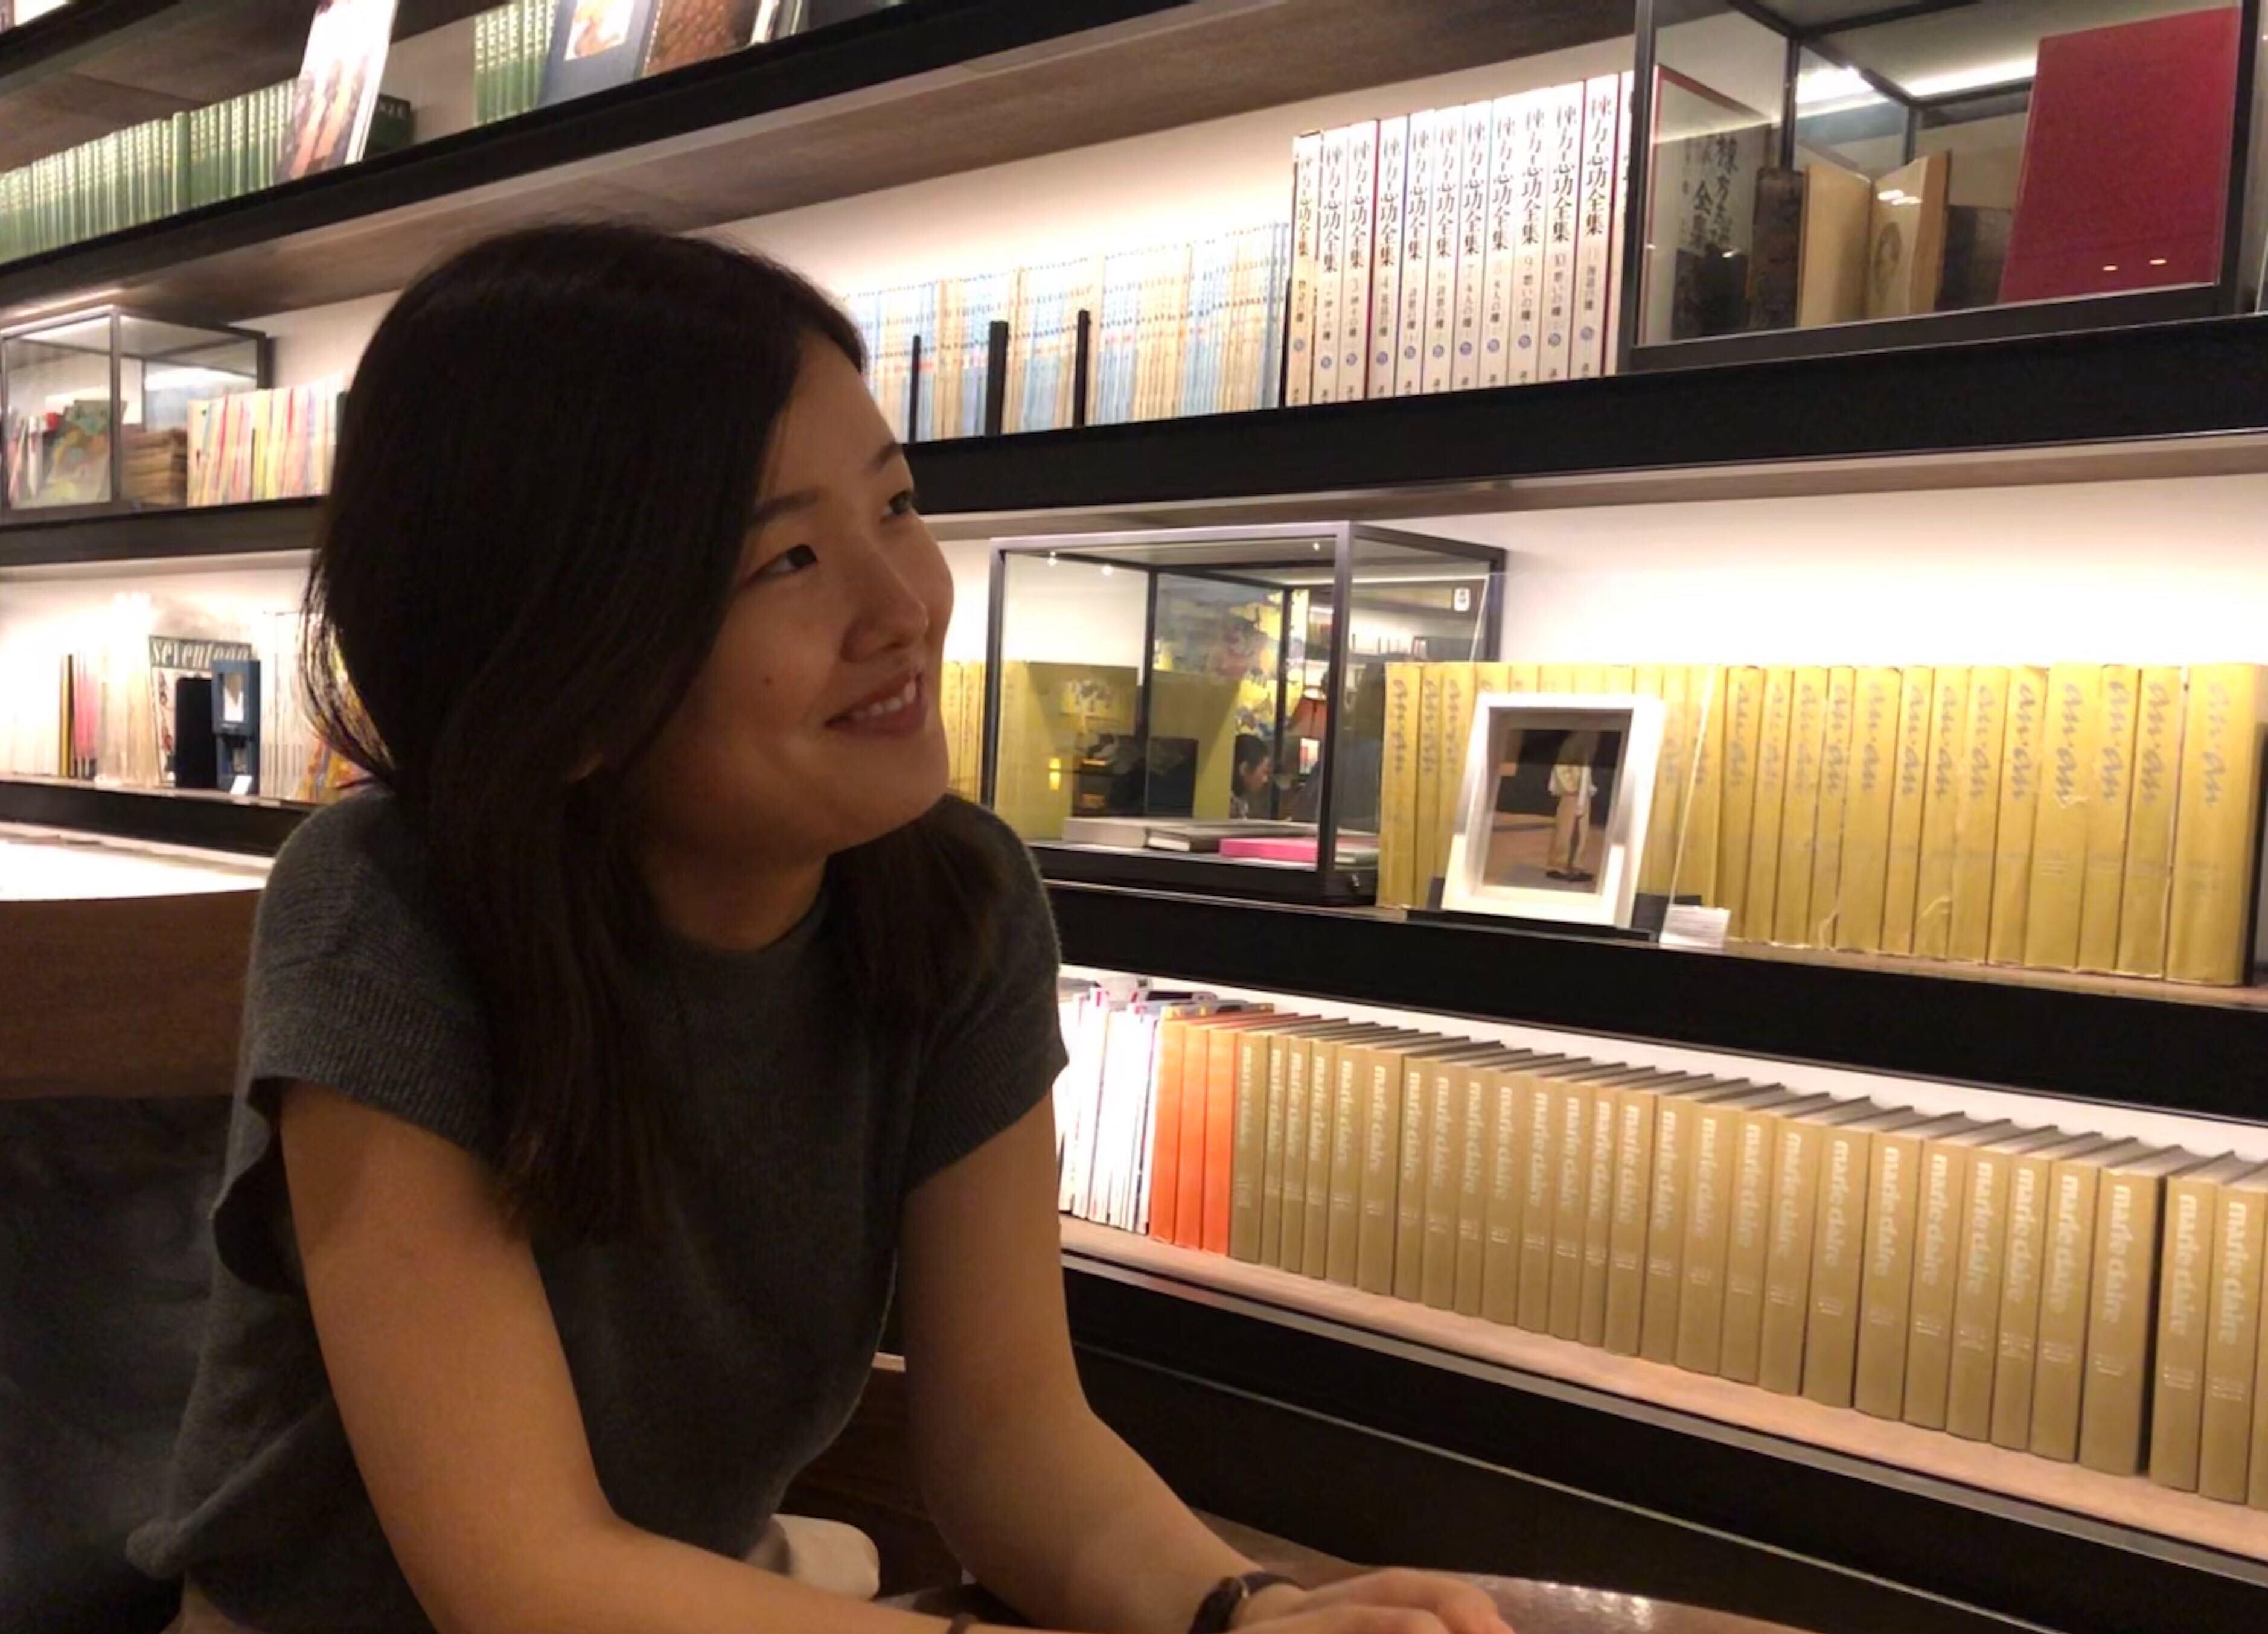 「弱者が弱者のまま、社会に置いていかれる」—— 一見普通の女子大生がジャーナリストを志望する理由になった日本に潜む課題とは?